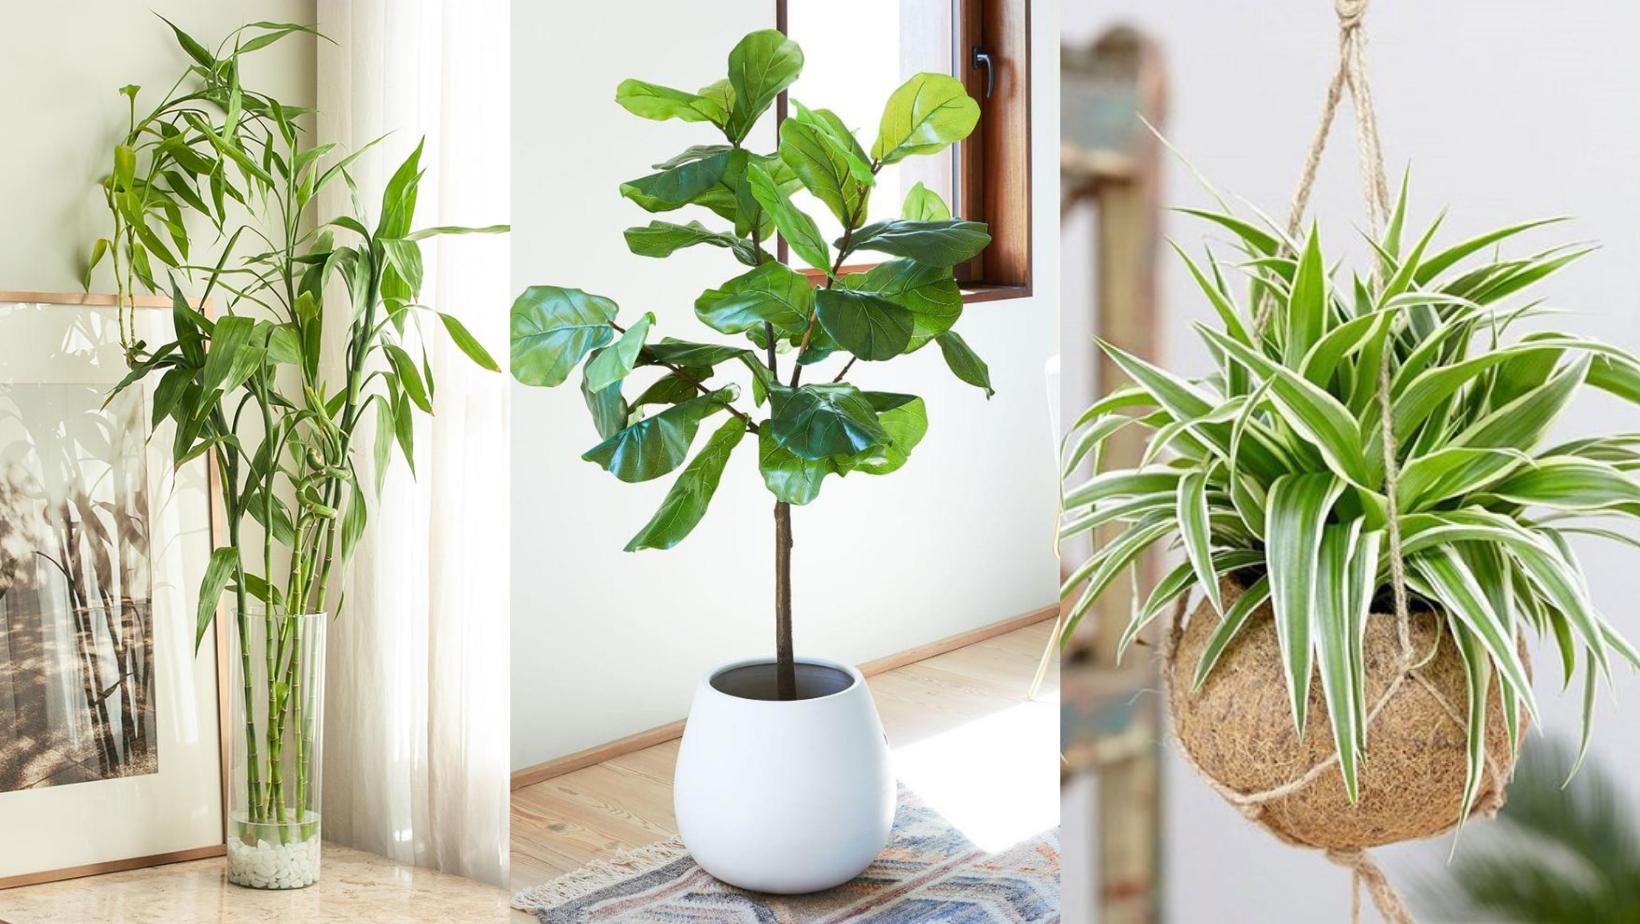 Top 5 loại cây trồng trong nhà dễ chăm sóc, nâng cấp không gian sống